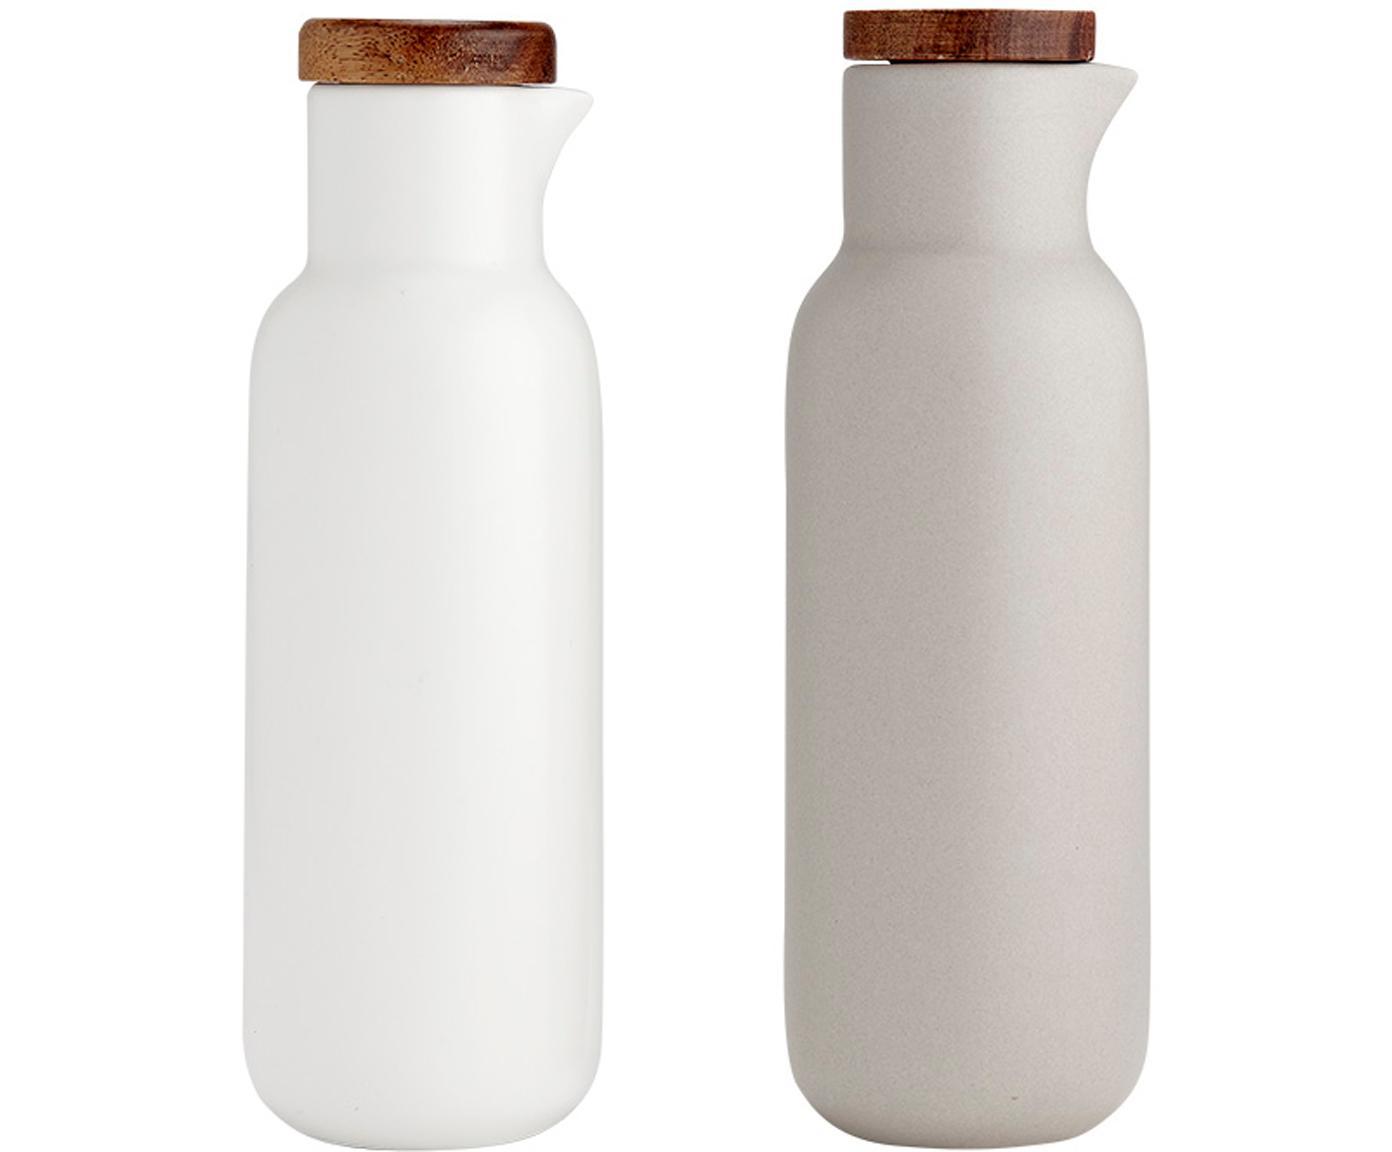 Essig- und Öl-Spender Essentials aus Porzellan und Akazienholz, 2er-Set, Porzellan, Akazienholz, Sandfarben, Weiß, Akazienholz, Ø 6 x H 18 cm